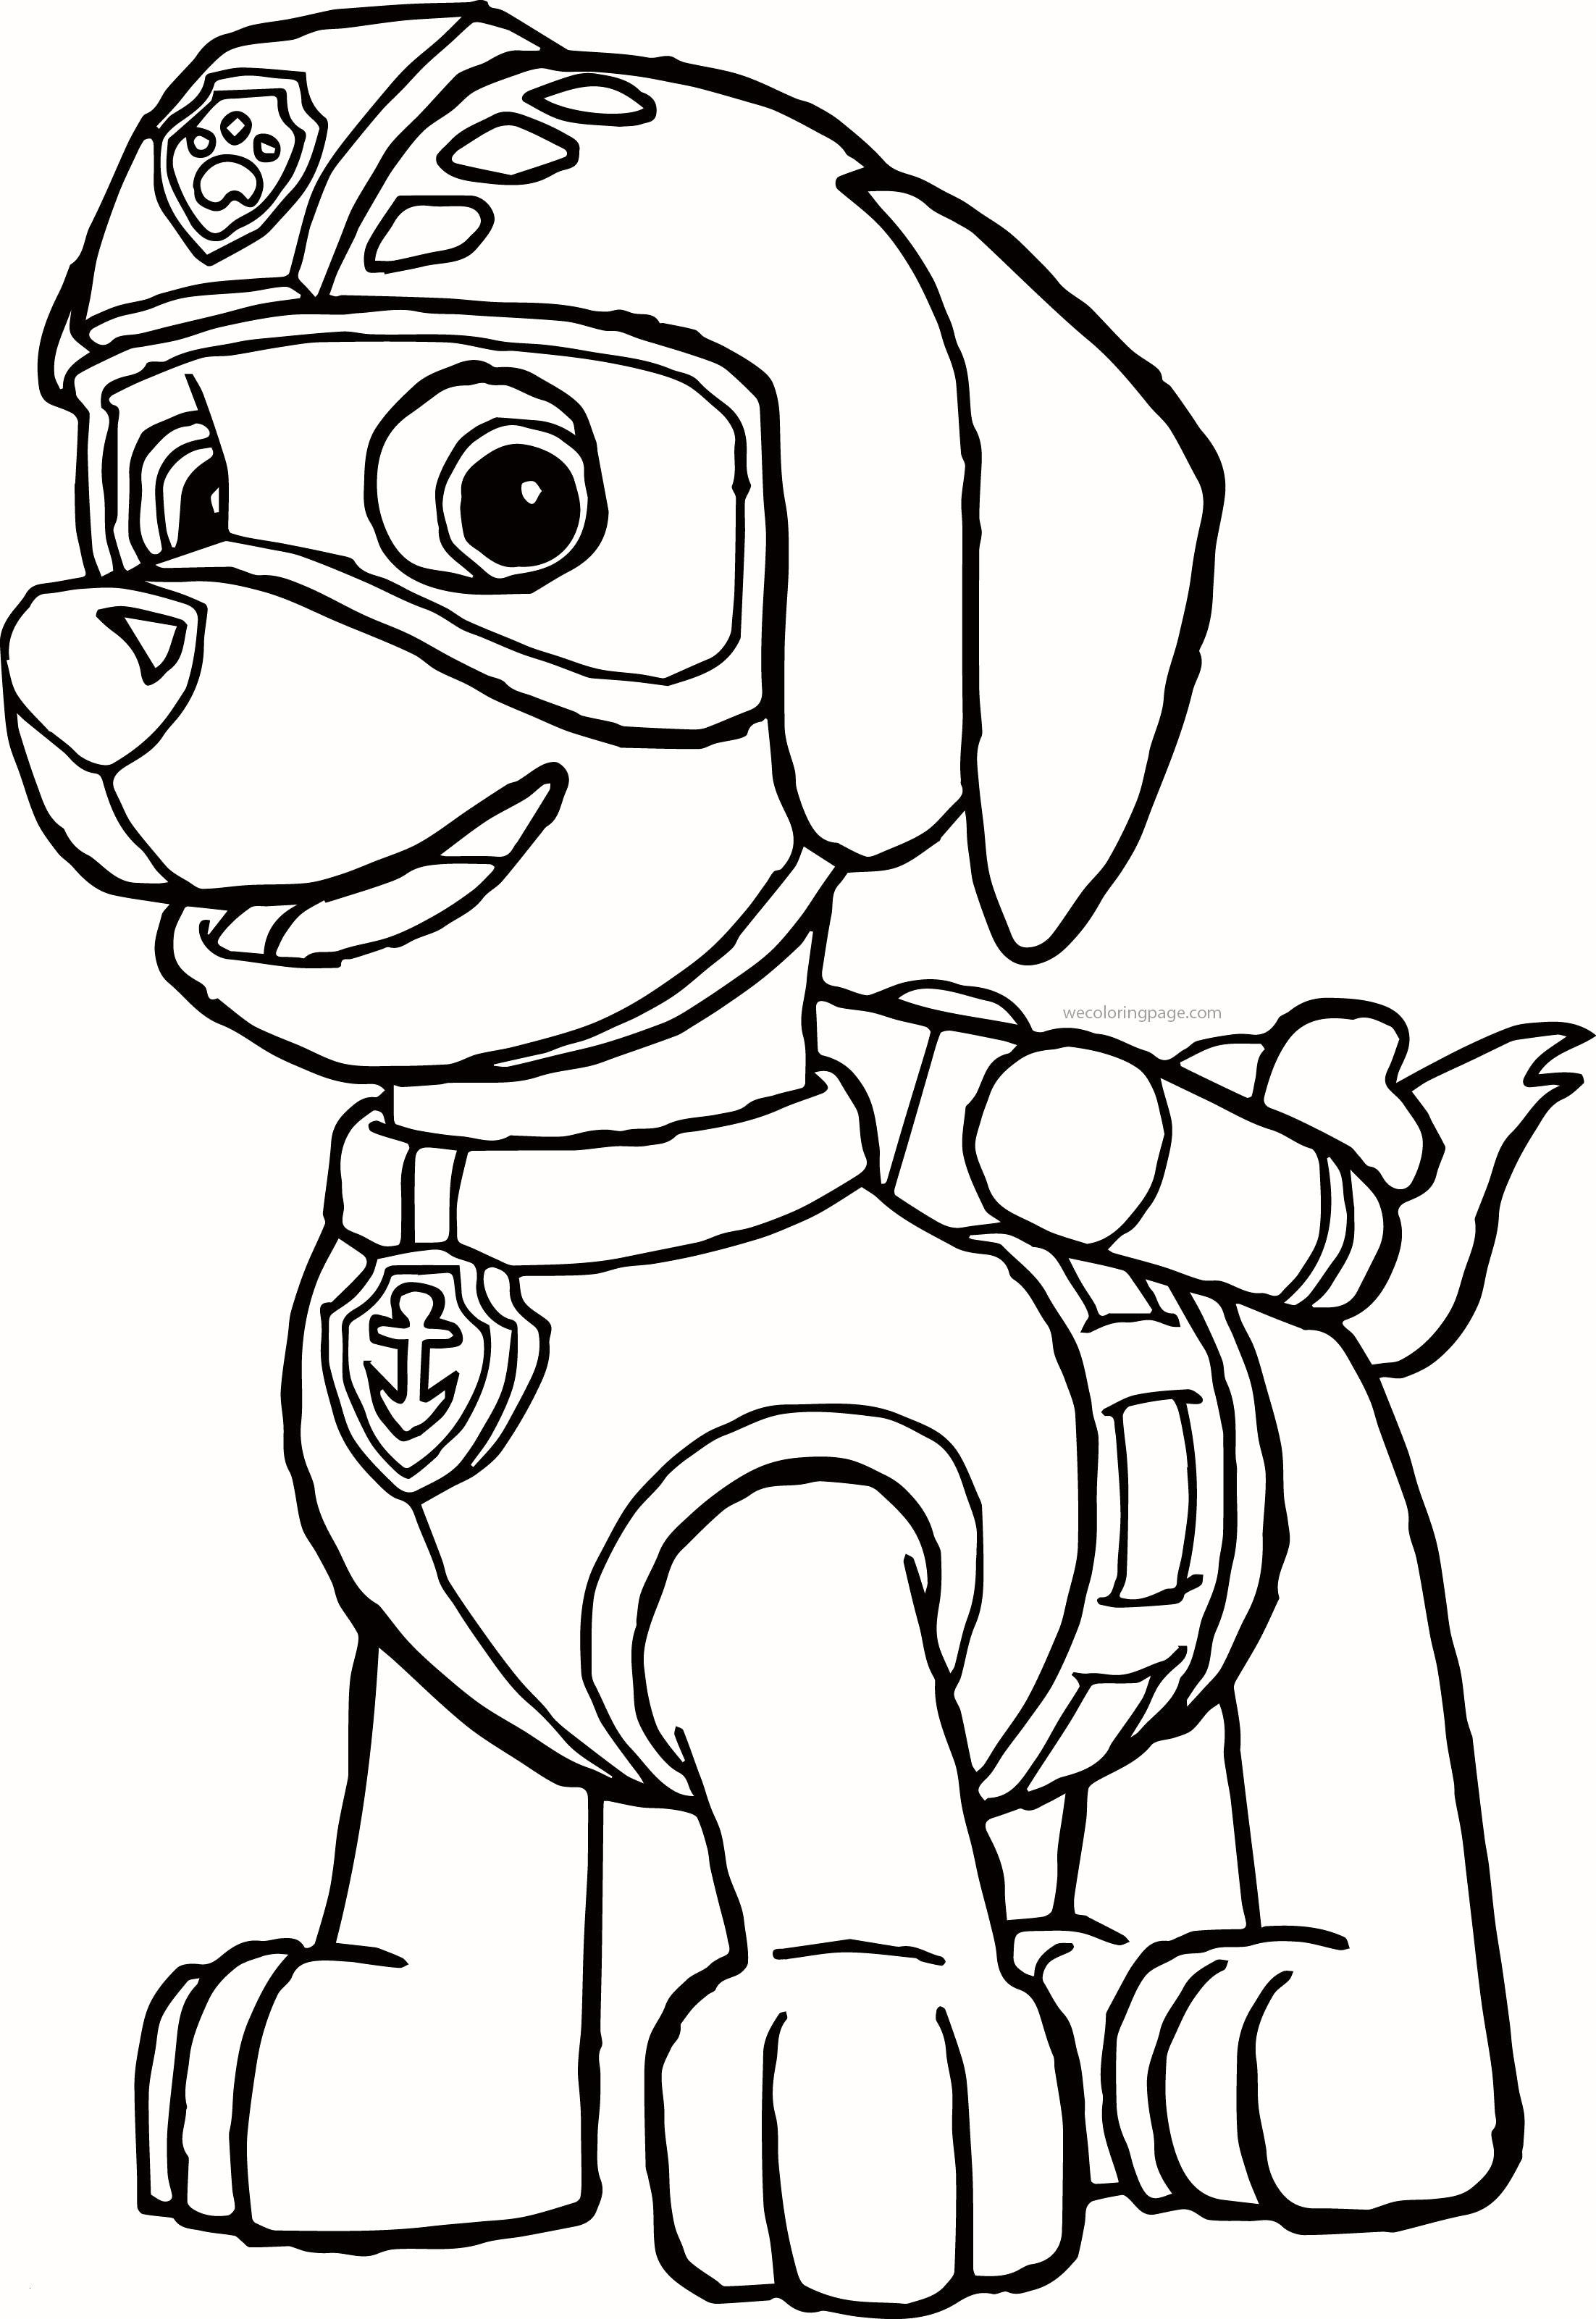 Malvorlagen Paw Patrol Frisch 30 Unique Paw Patrol Coloring Pages Robo Dog Elegant Ausmalbilder Das Bild